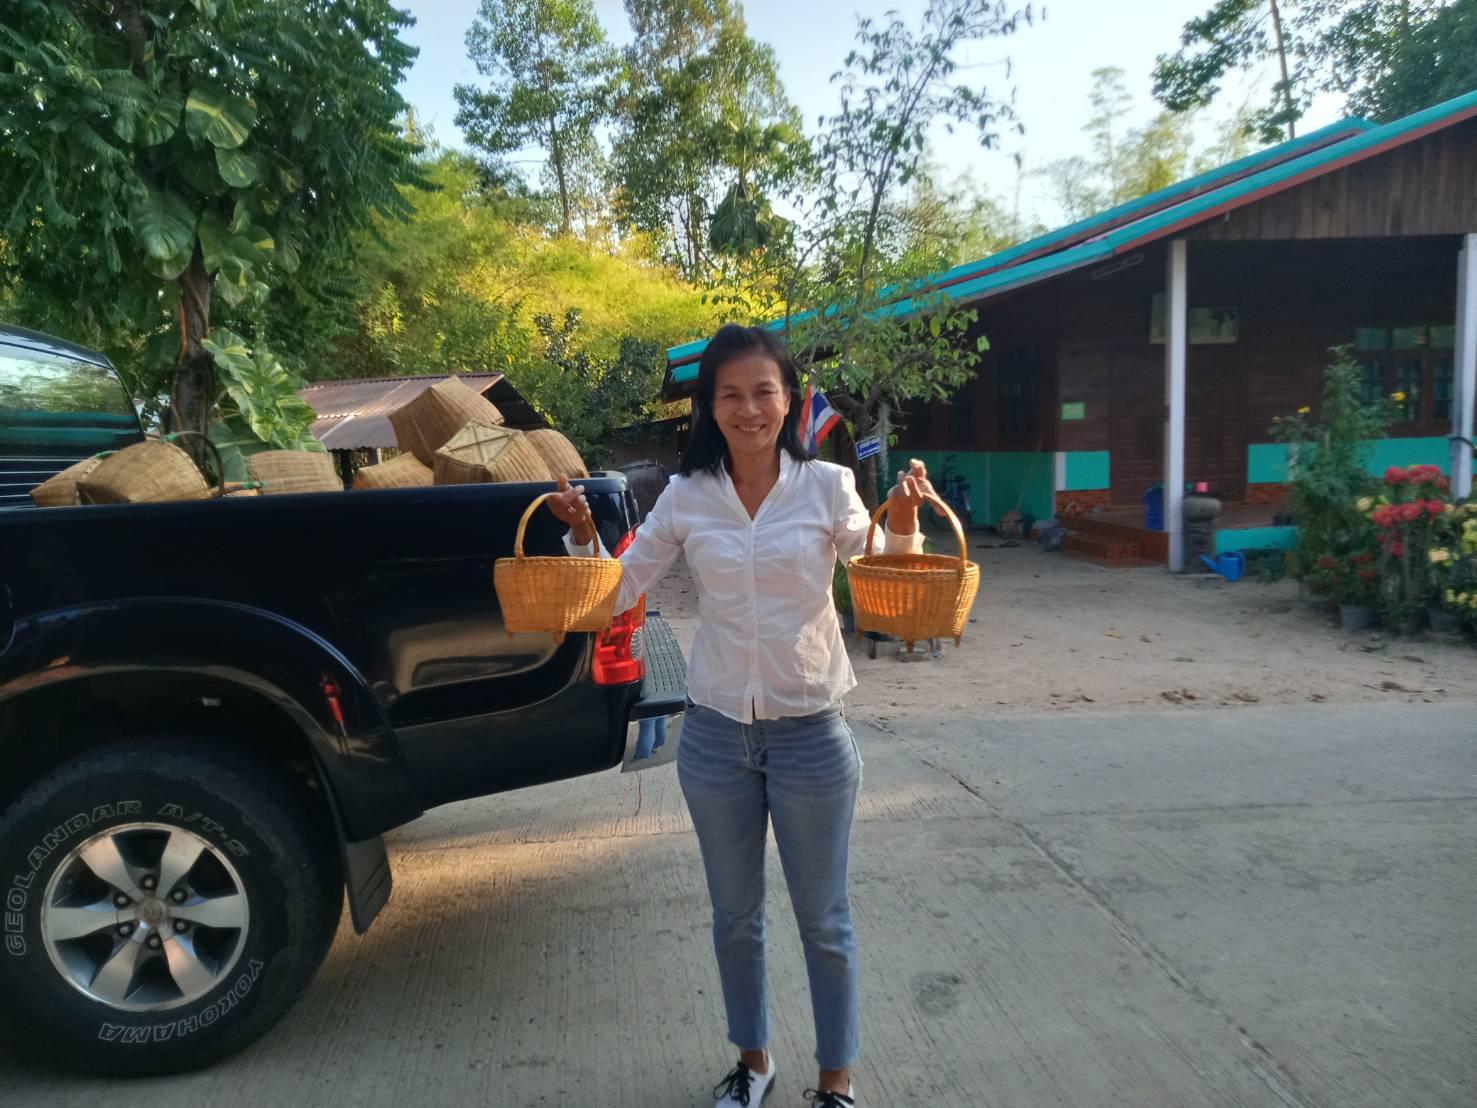 พัฒนาชุมชนกับการส่งเสริมผลิตภัณฑ์ตะกร้าไม้ไผ่